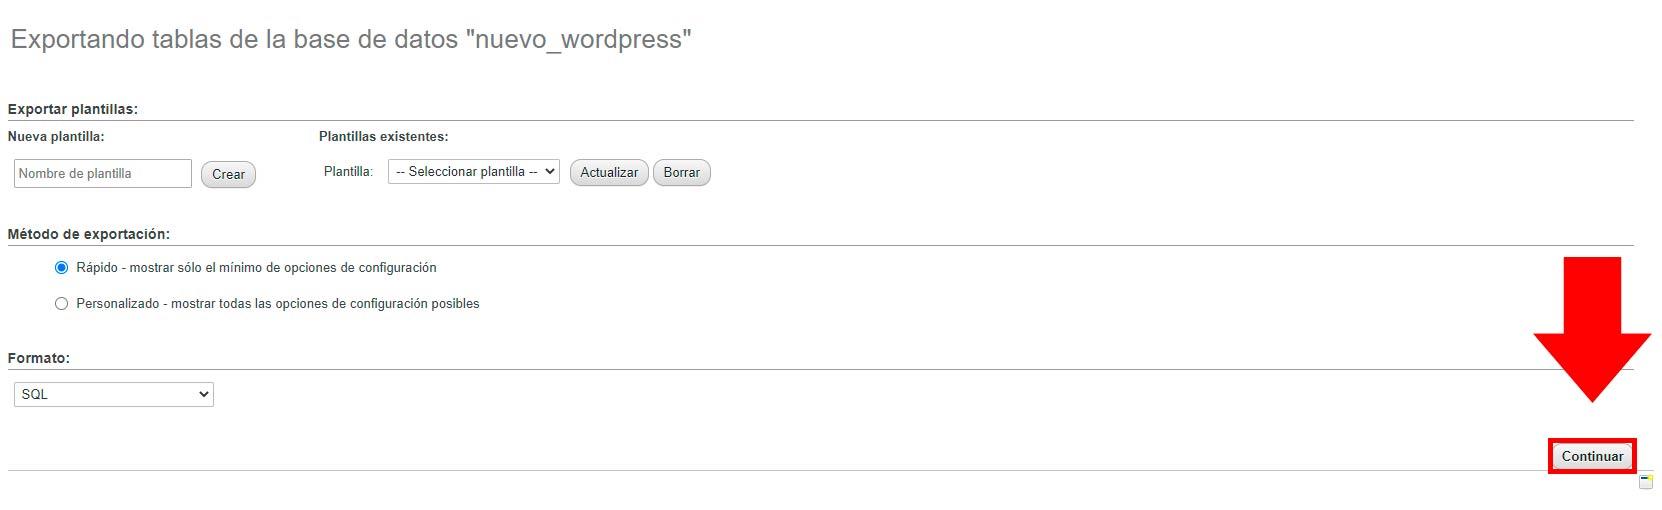 exportando tablas de base de datos wordpress